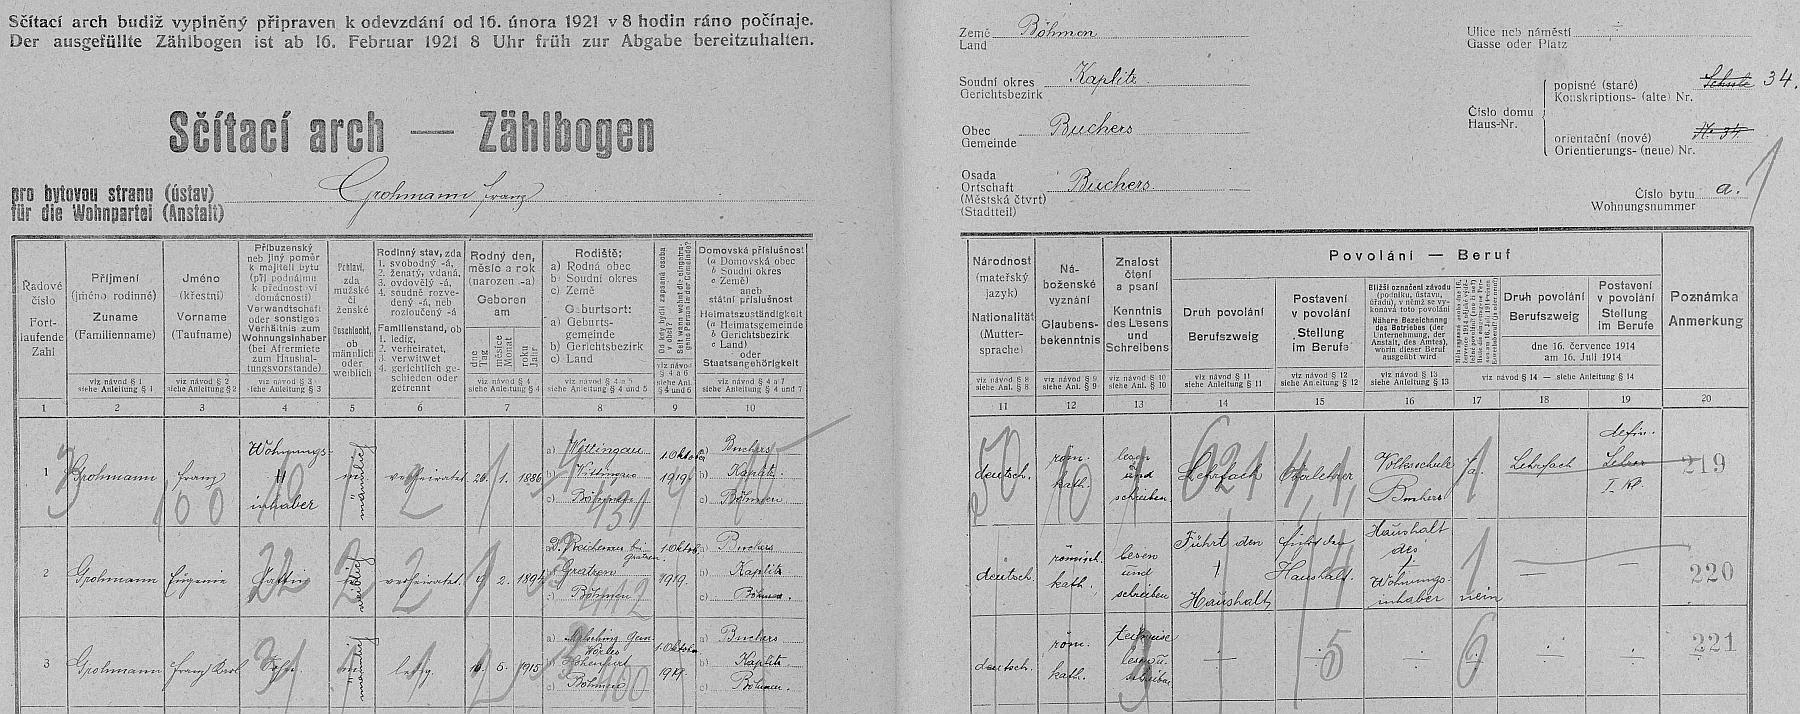 Arch sčítání lidu z roku 1921 pro dům čp. 34 v Pohoří na Šumavě, kde tehdy žil s manželkou a synem